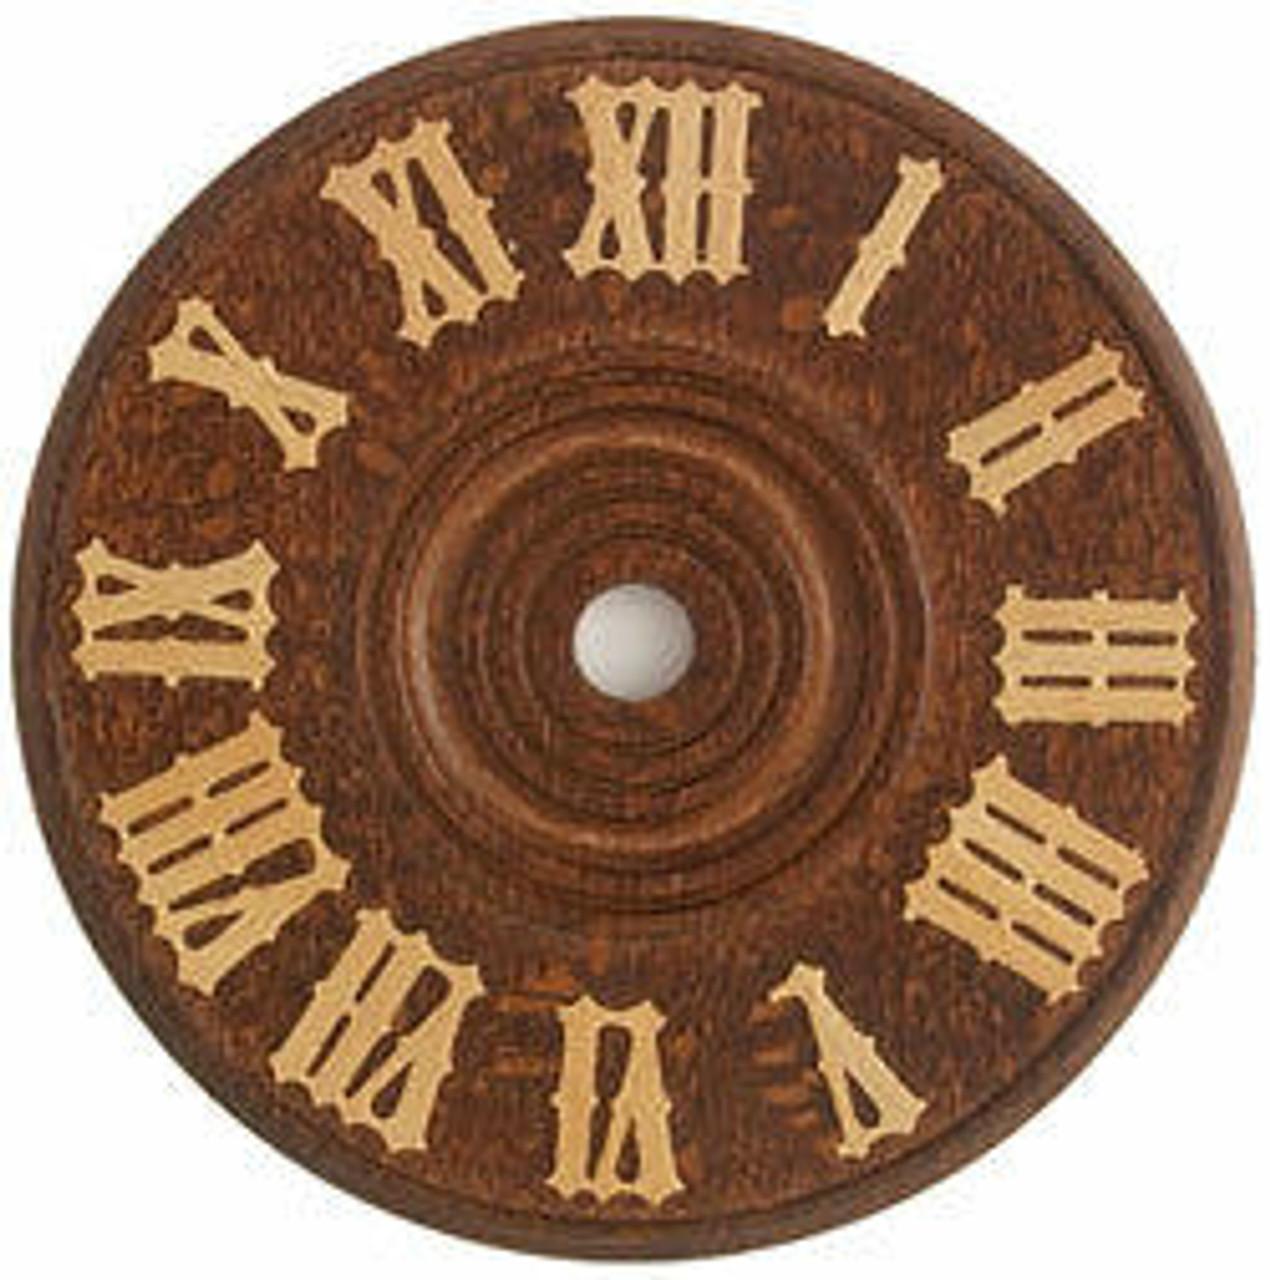 Cuckoo Clock Dials